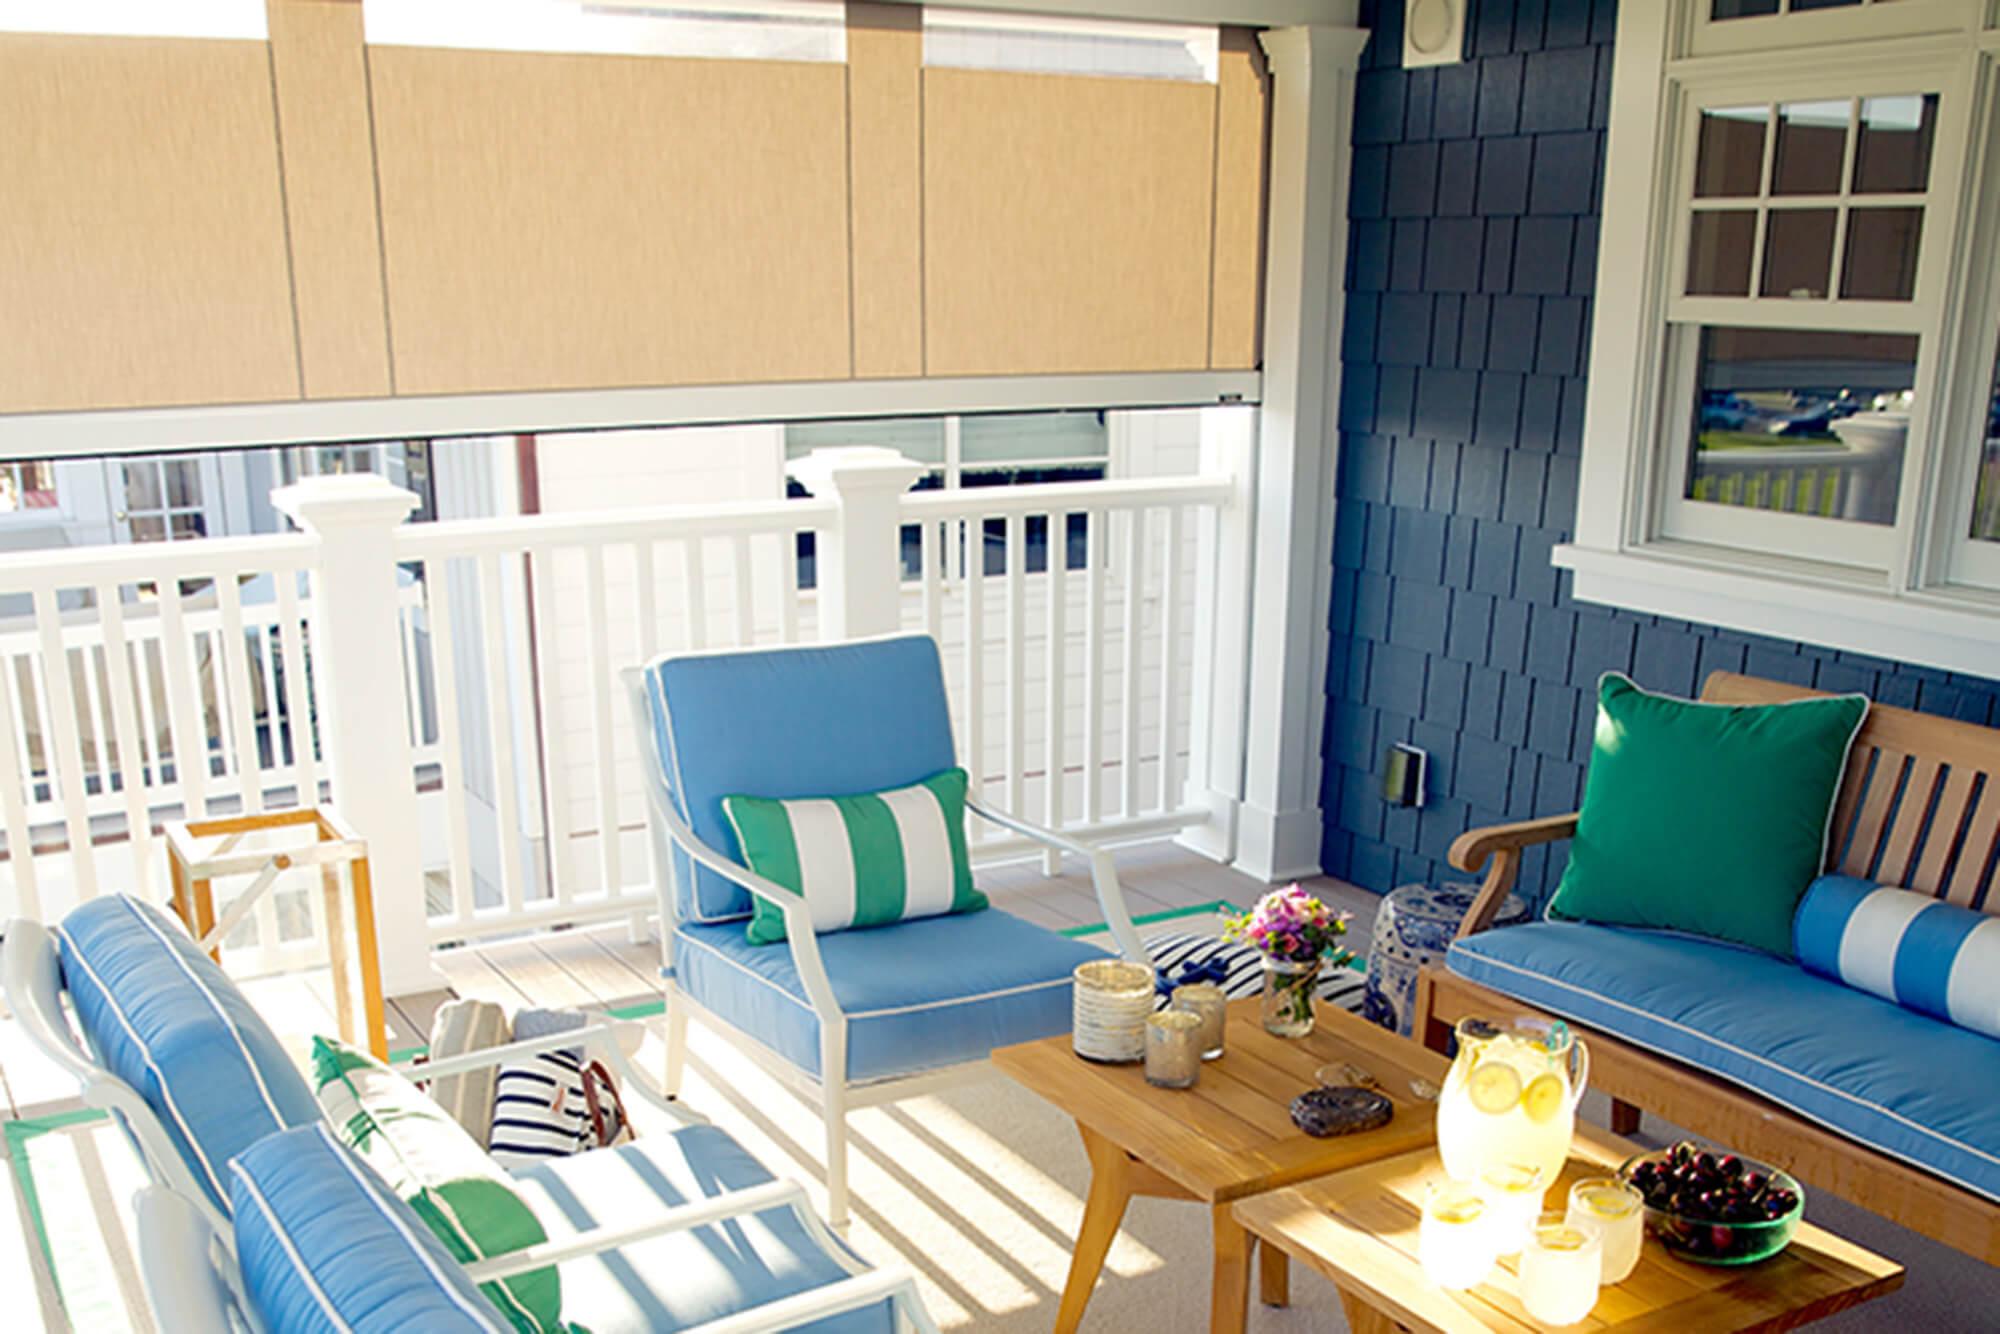 由米色 Sunbrella 织物制成的卷帘为露天平台遮阴,露台平台上还带有蓝色 Sunbrella 家具装饰织物